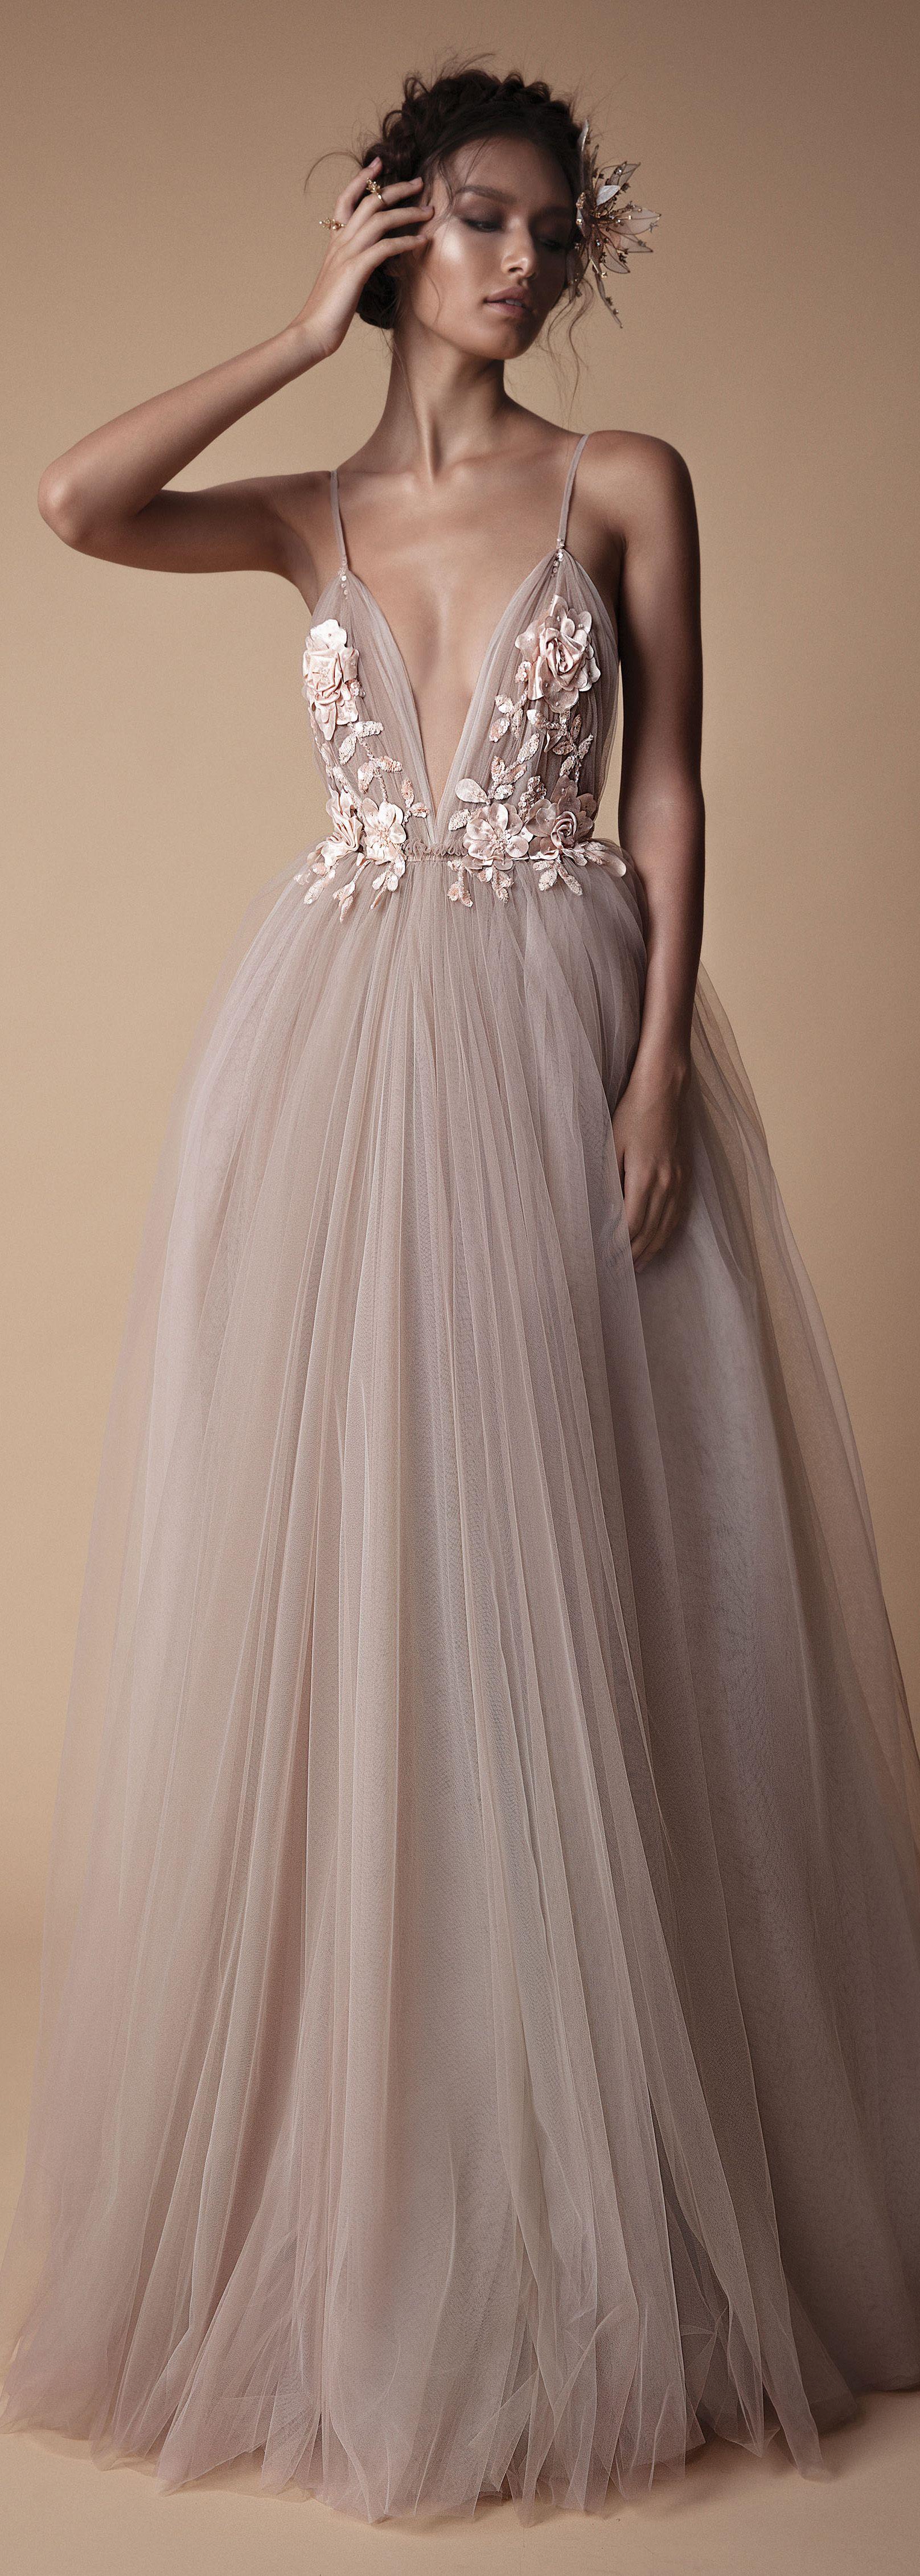 Brautkleid Nude | Fashion | Pinterest | Brautkleid, Kleider und ...